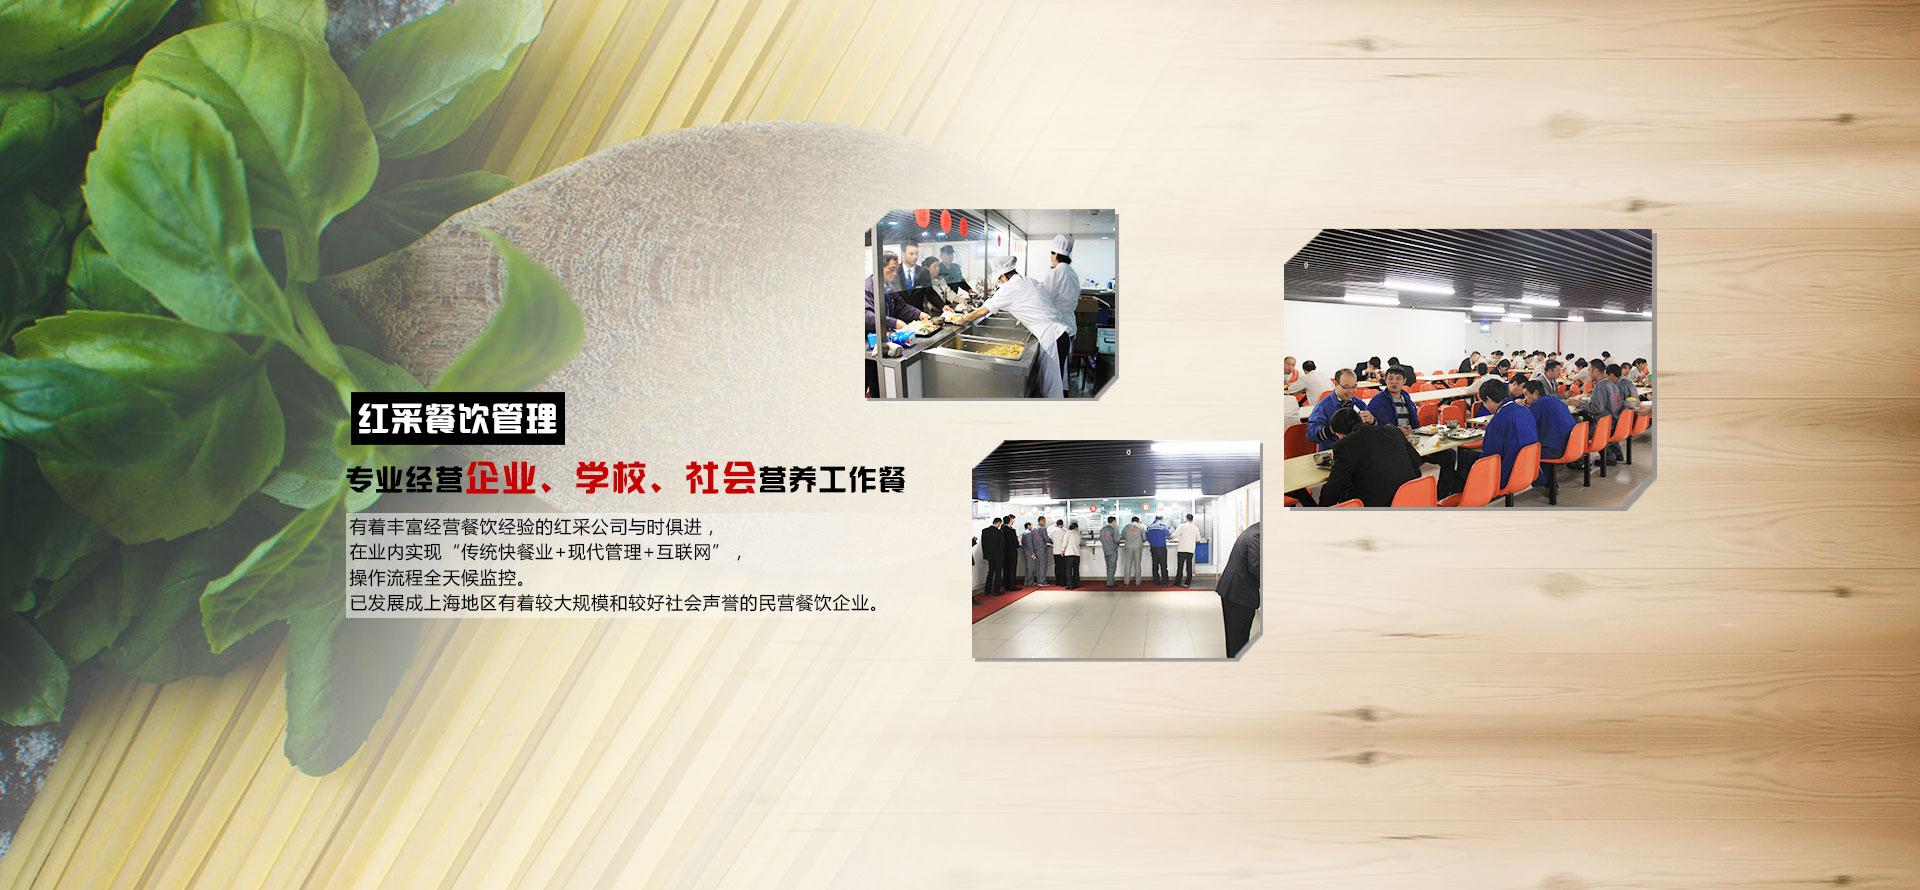 上海快餐配送公司